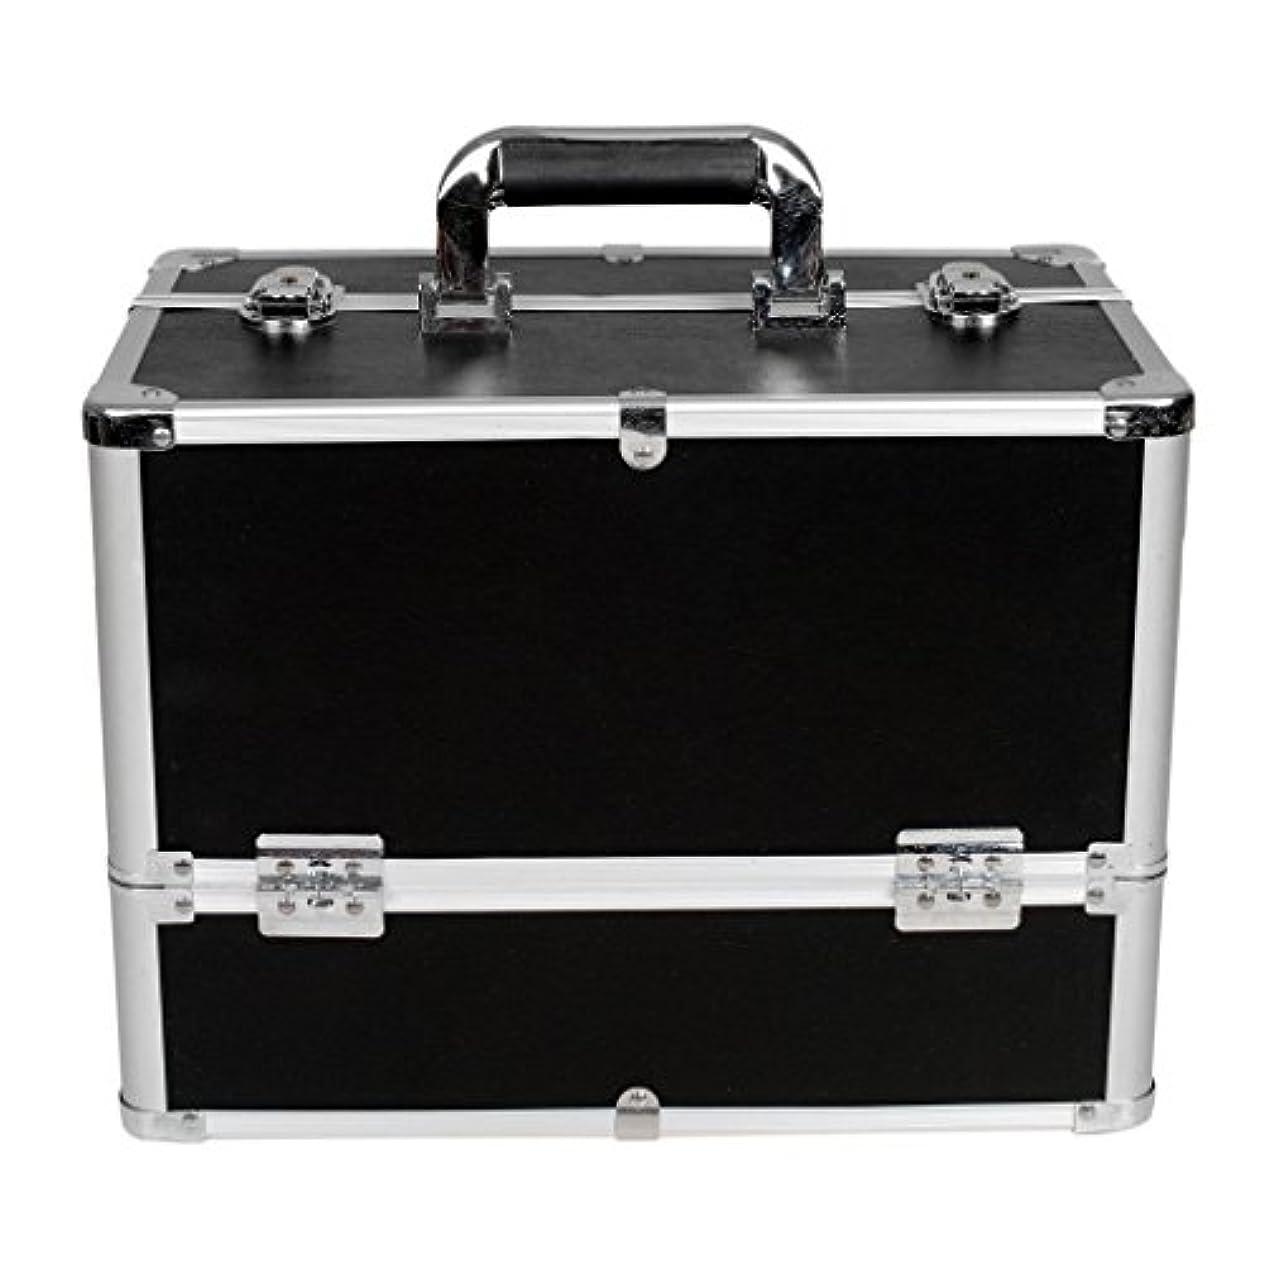 ベスビオ山懐疑論ベッドを作る[プロ仕様]Hapilife メイクボックス 大容量 6つトレイ 幅37cm ネイル ジュエリー ドライヤー アクセサリー シューケア用品 収納ケース ブラック